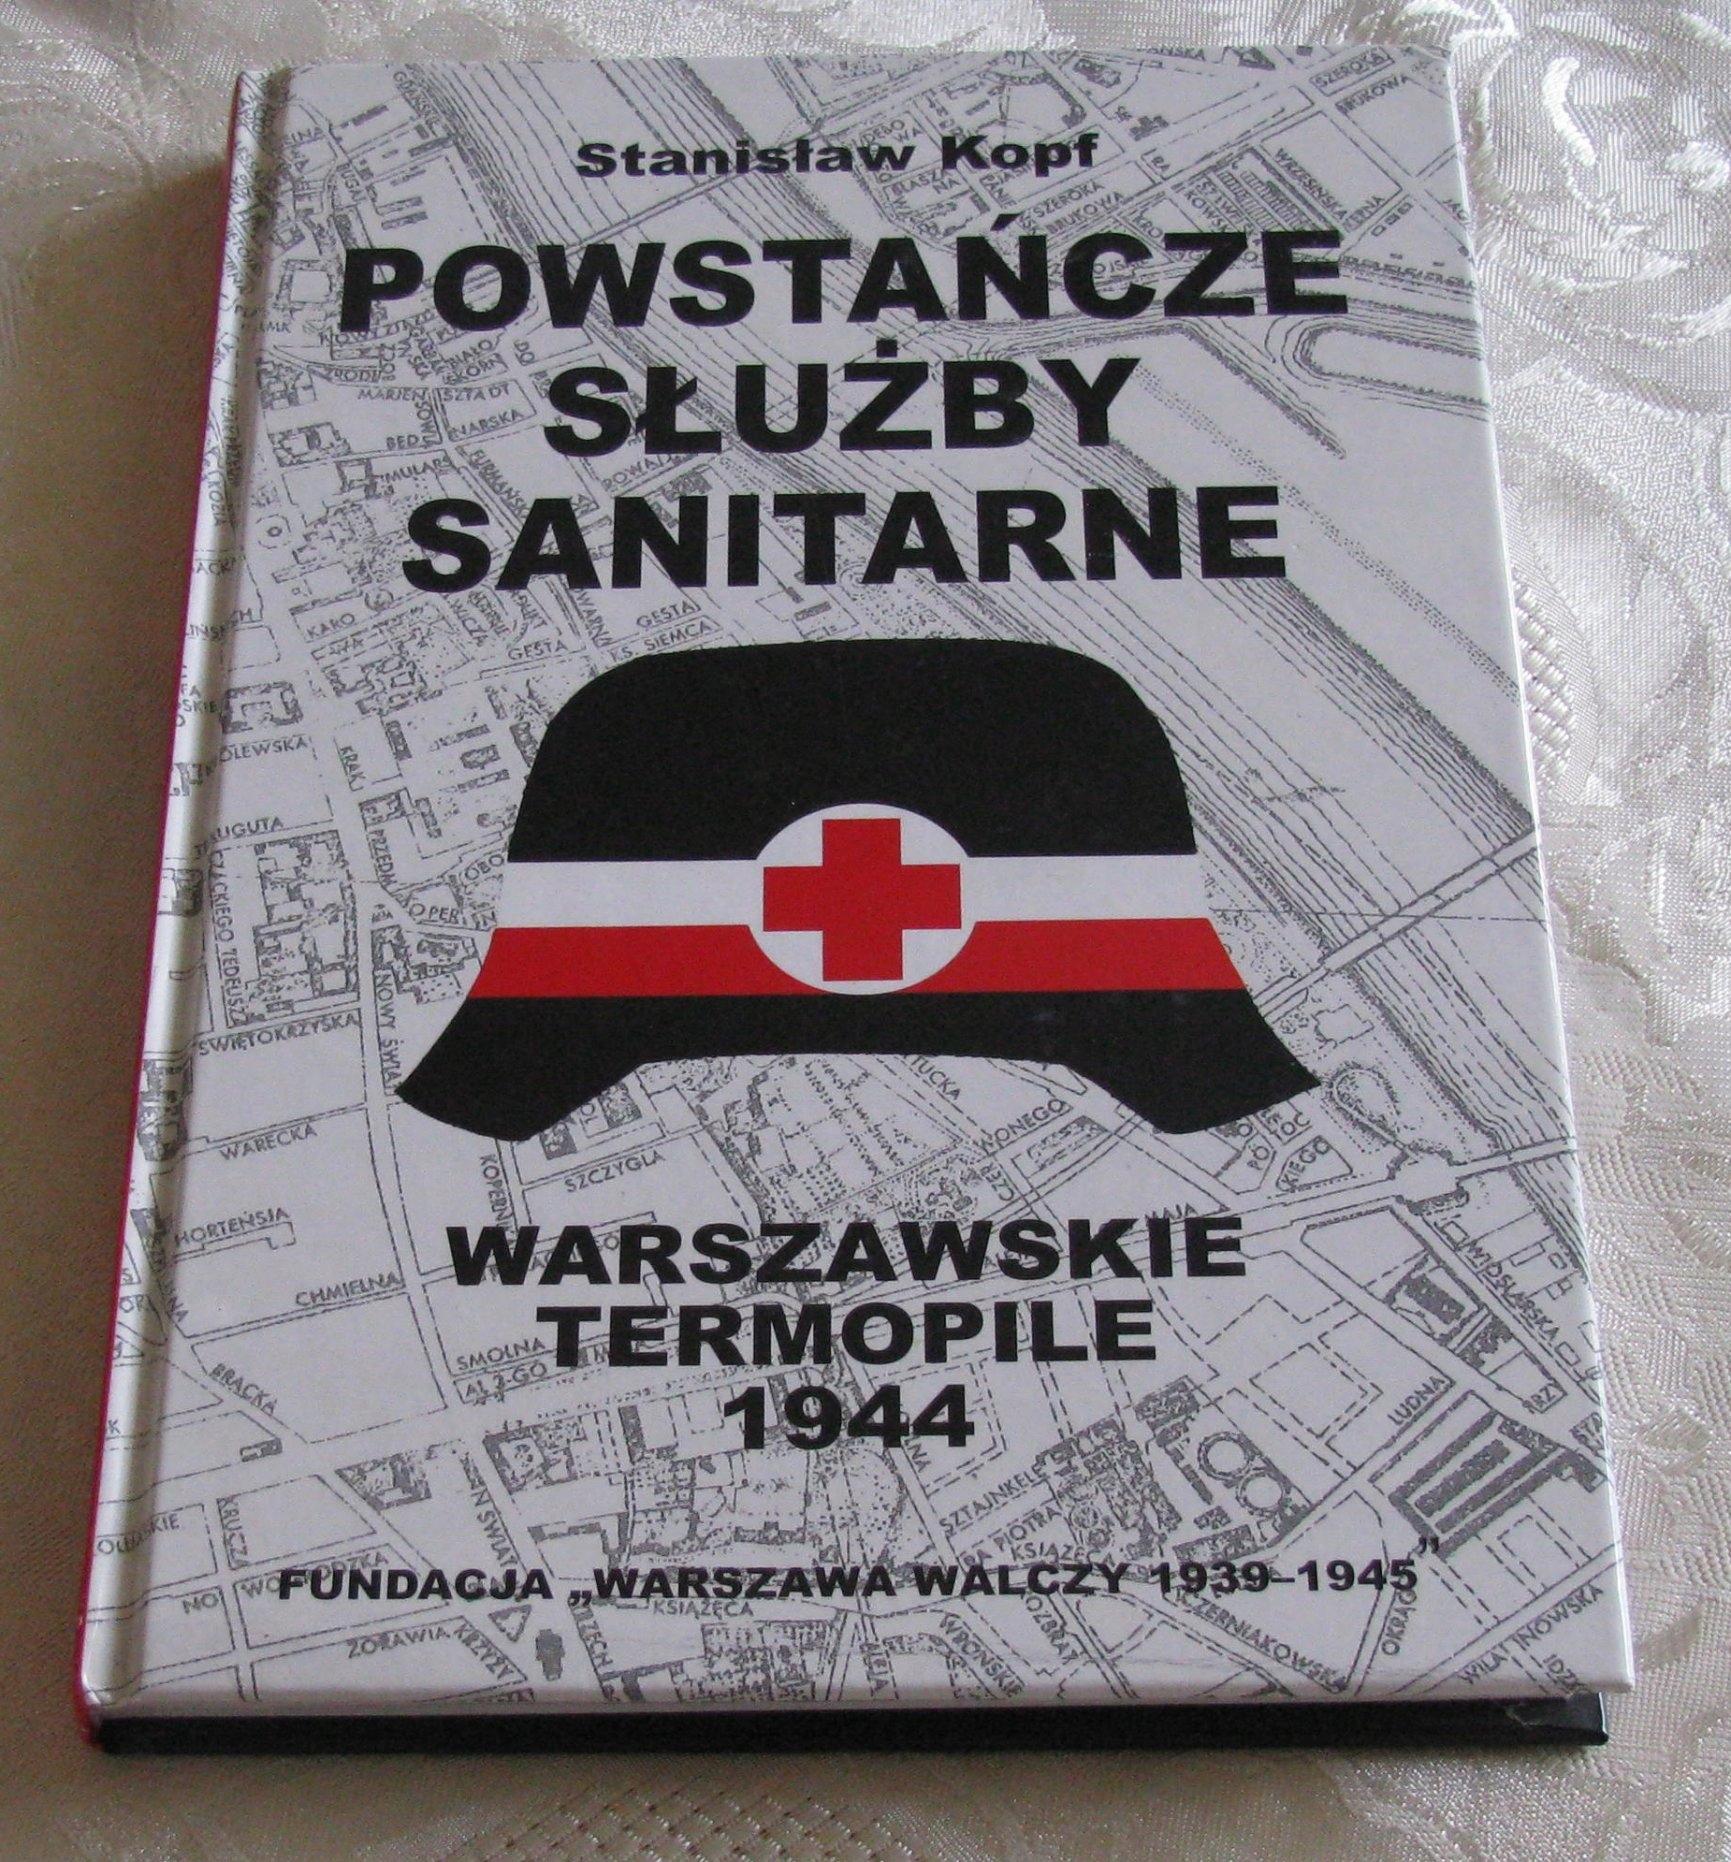 Powstańcze służby sanitarne Warszawskie Termopile (St.Kopf)